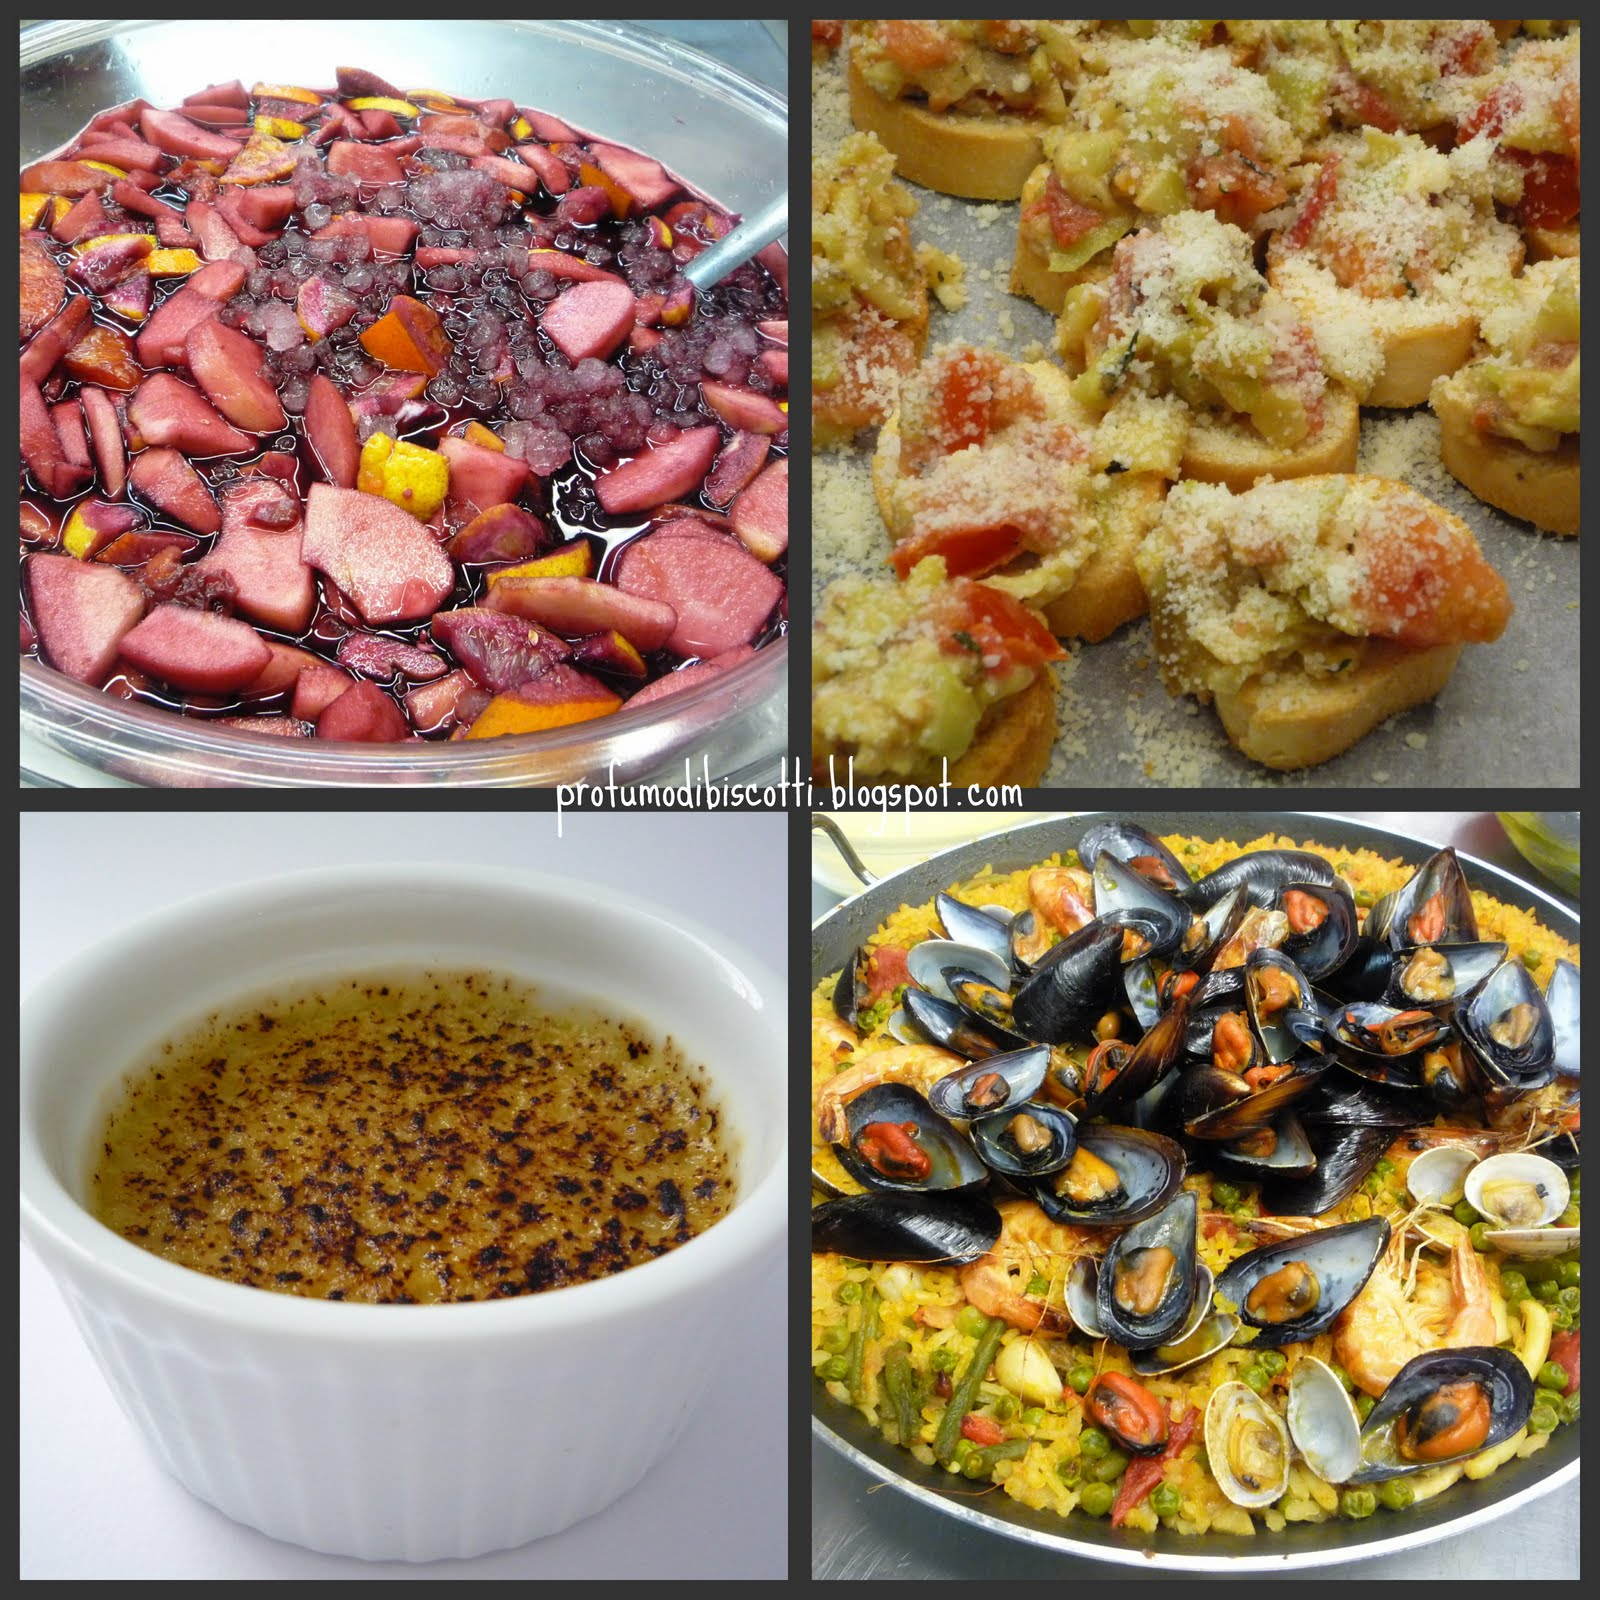 Profumo di biscotti corso alle tamerici la cucina spagnola for Cucina spagnola